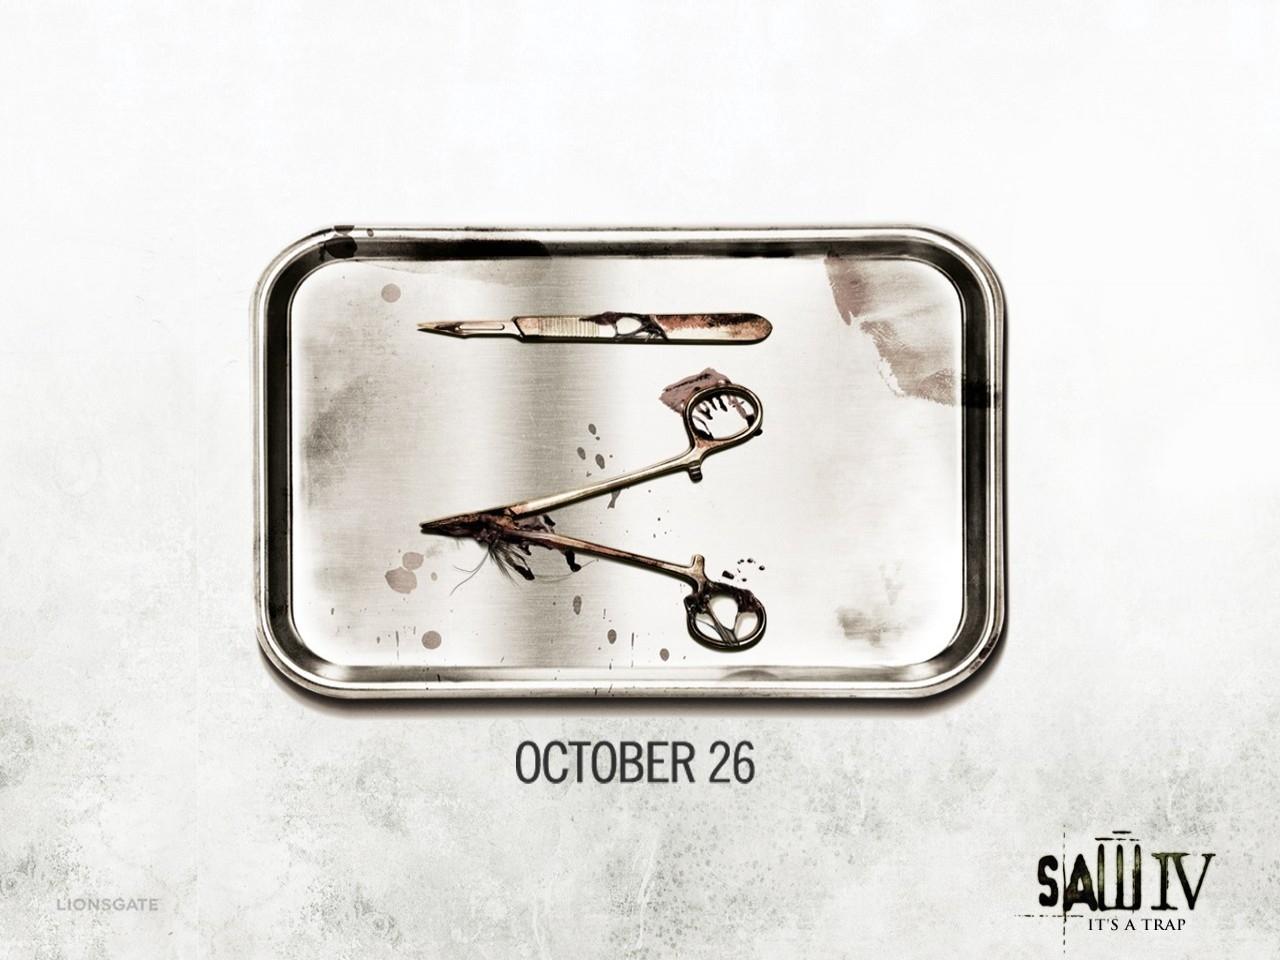 Wallpaper del film Saw 4 con strumenti chirurgici che formano il numero romano IV